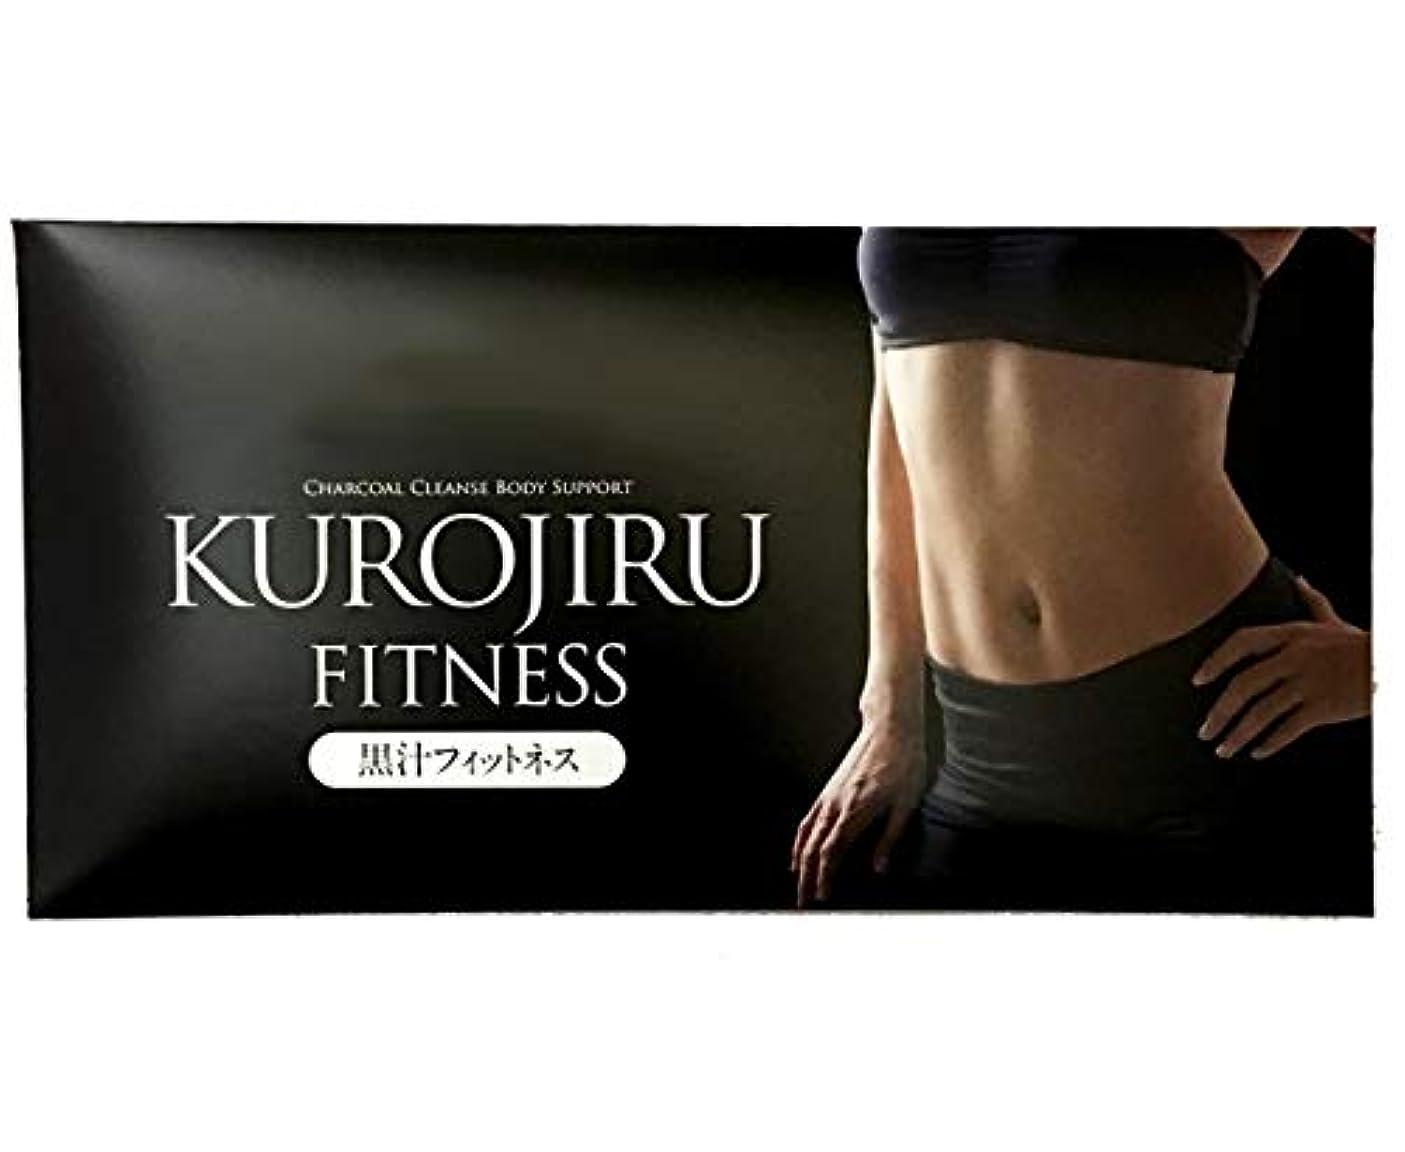 ヒントスカウトジョグ黒汁フィットネス(KUROJIRU FITNESS) 30包 チャコールクレンズ 赤松活性炭 オリゴ糖 サラシアエキス 酵素